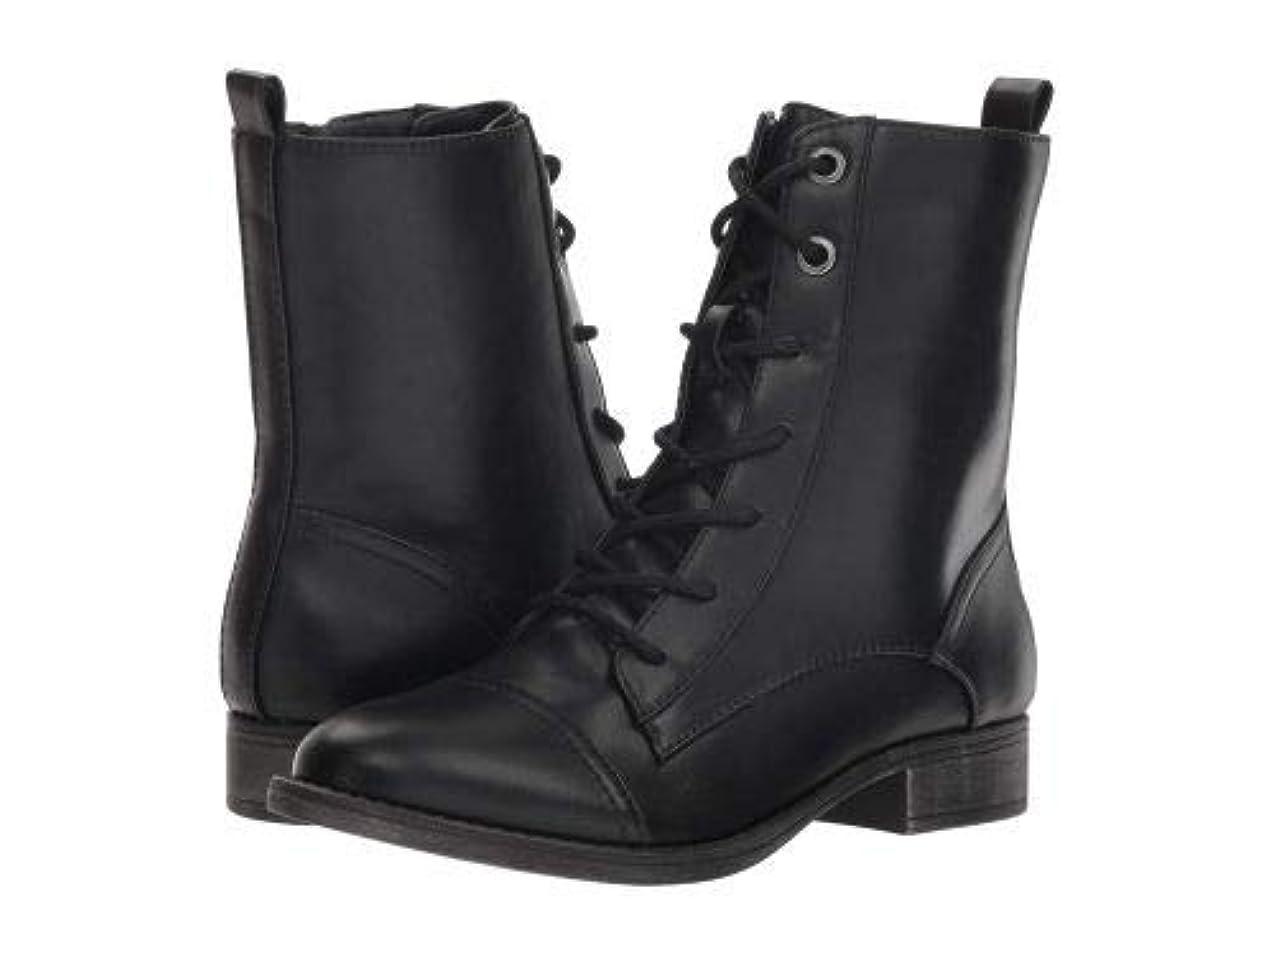 素晴らしい良い多くの革命的ソフィーAldo(アルド) レディース 女性用 シューズ 靴 ブーツ レースアップブーツ Ybelinia - Black Synthetic [並行輸入品]